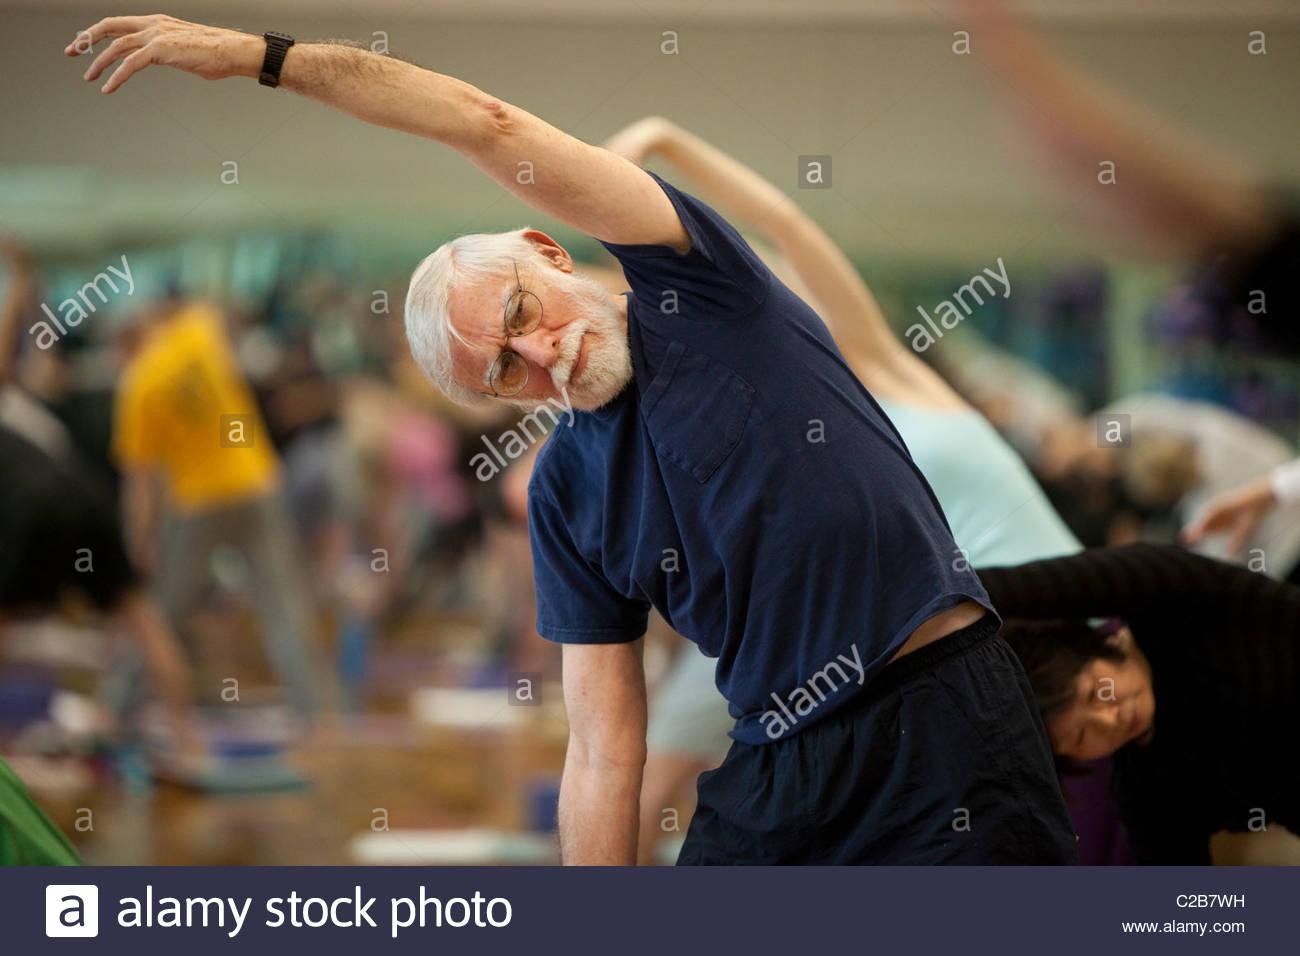 Un estiramiento lateral pose en una clase de yoga. Imagen De Stock